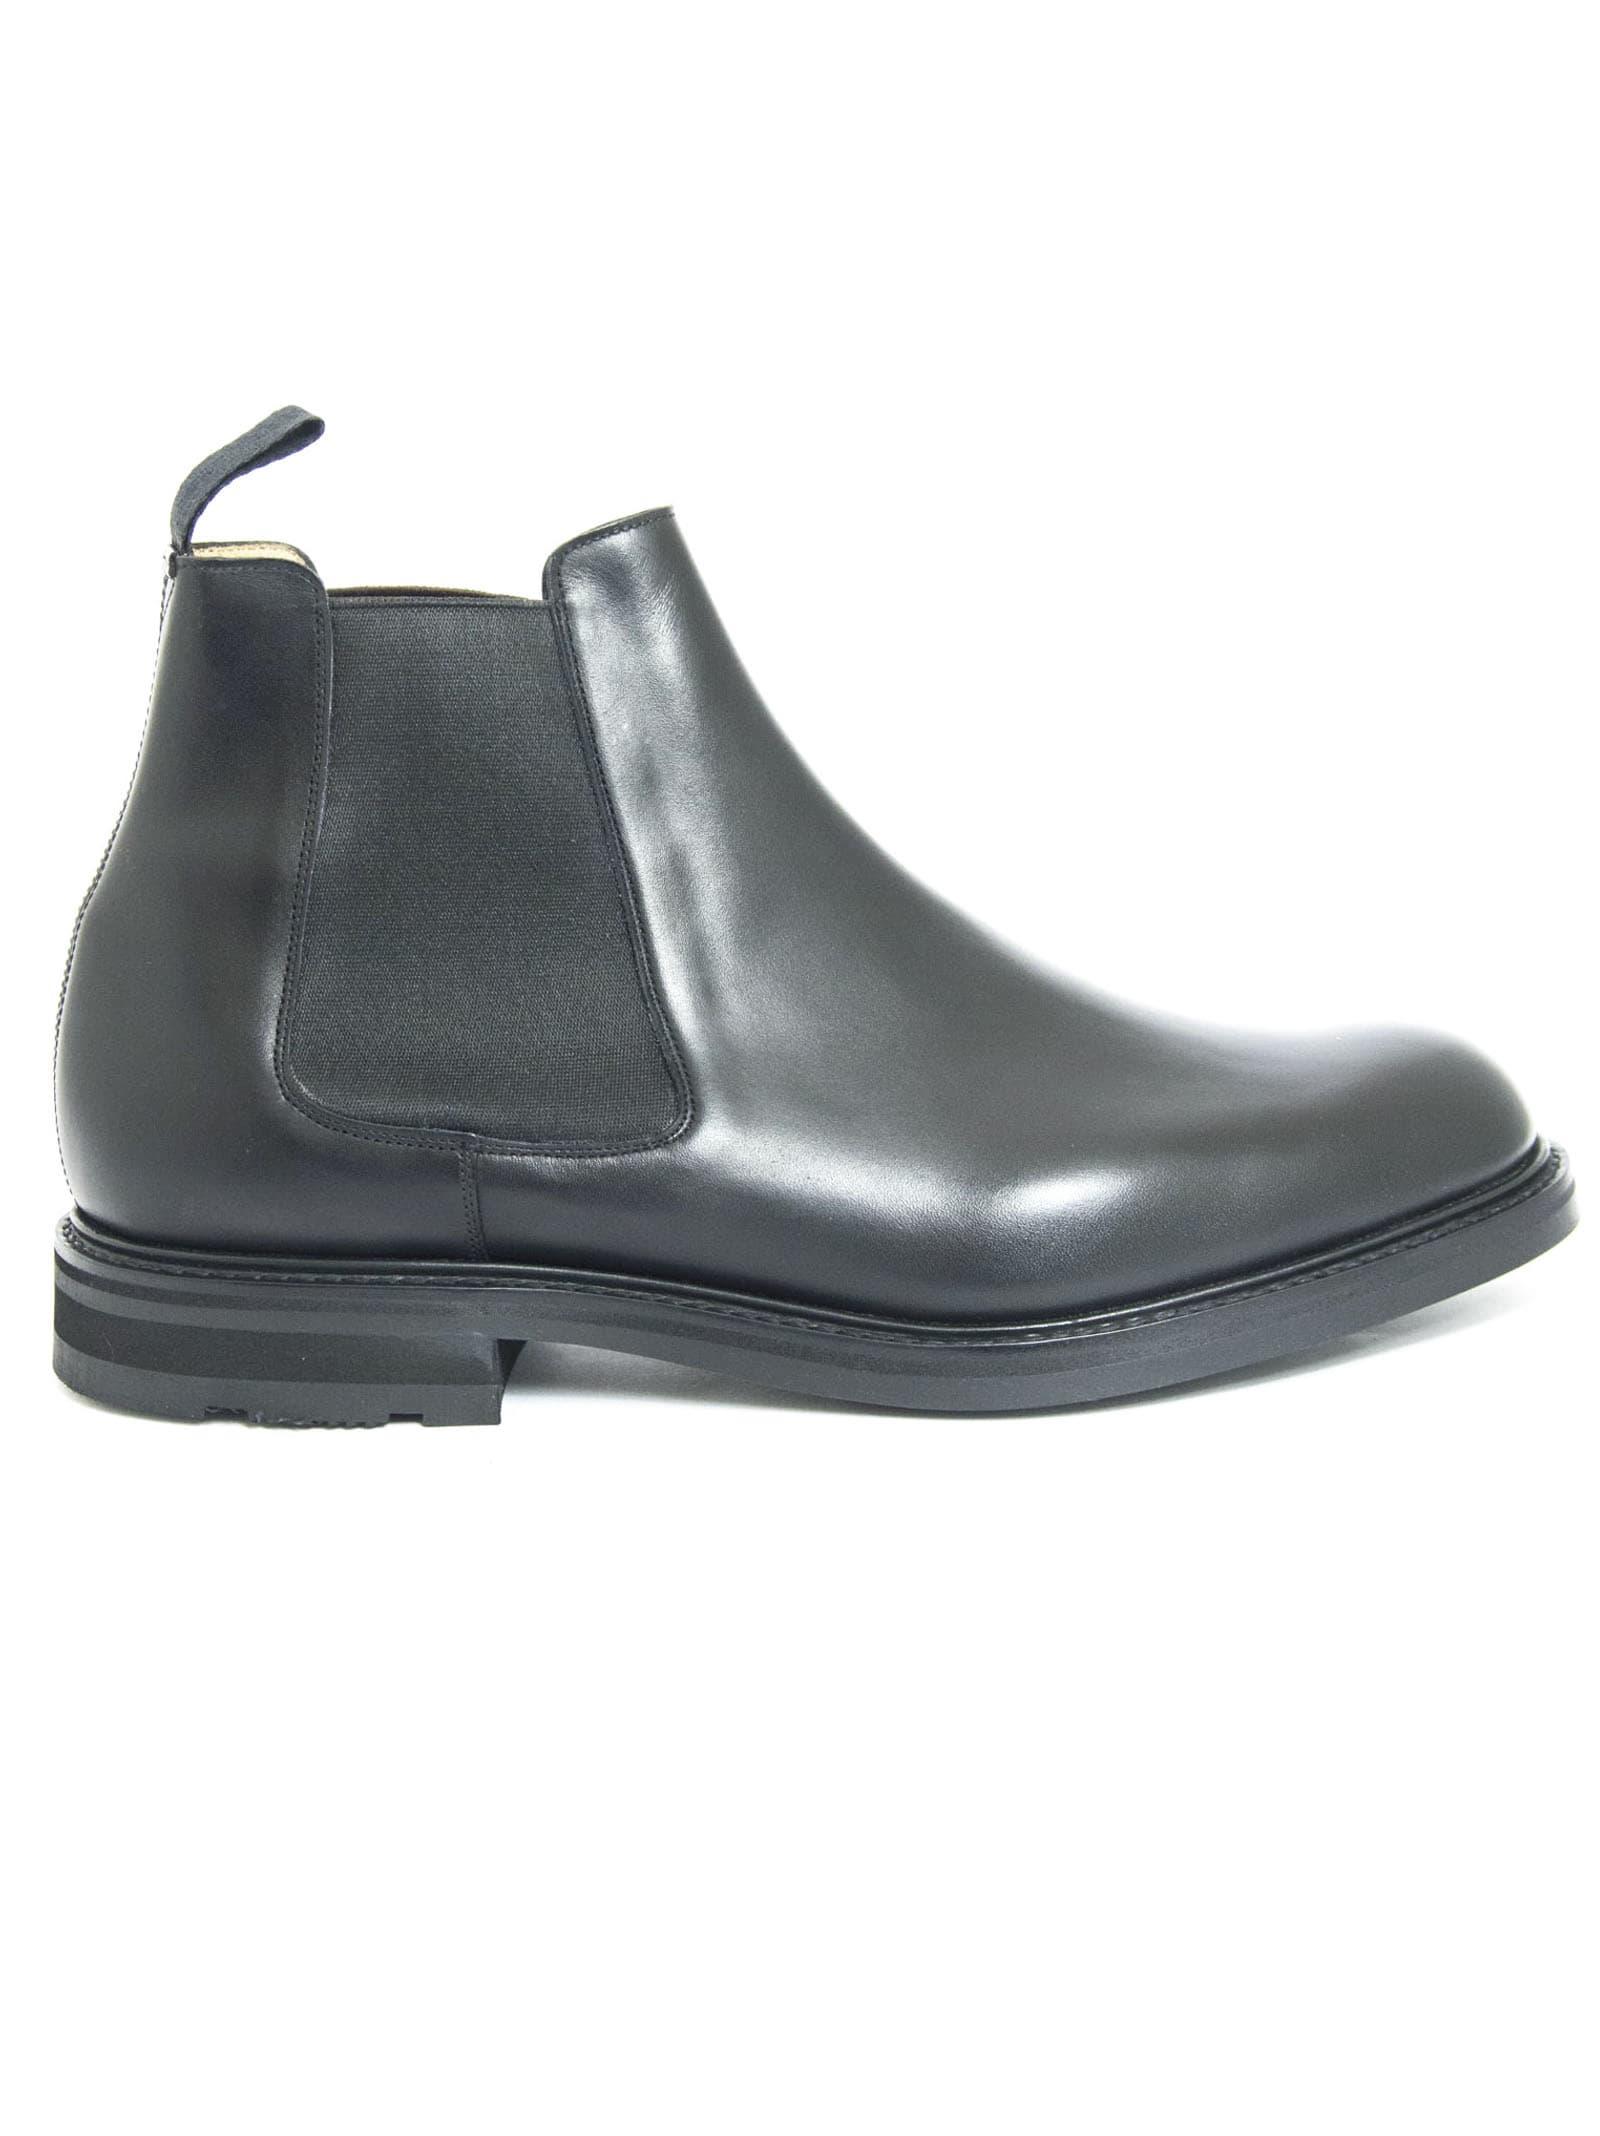 Churchs Welwyn Black Calf Leather Chelsea Boot